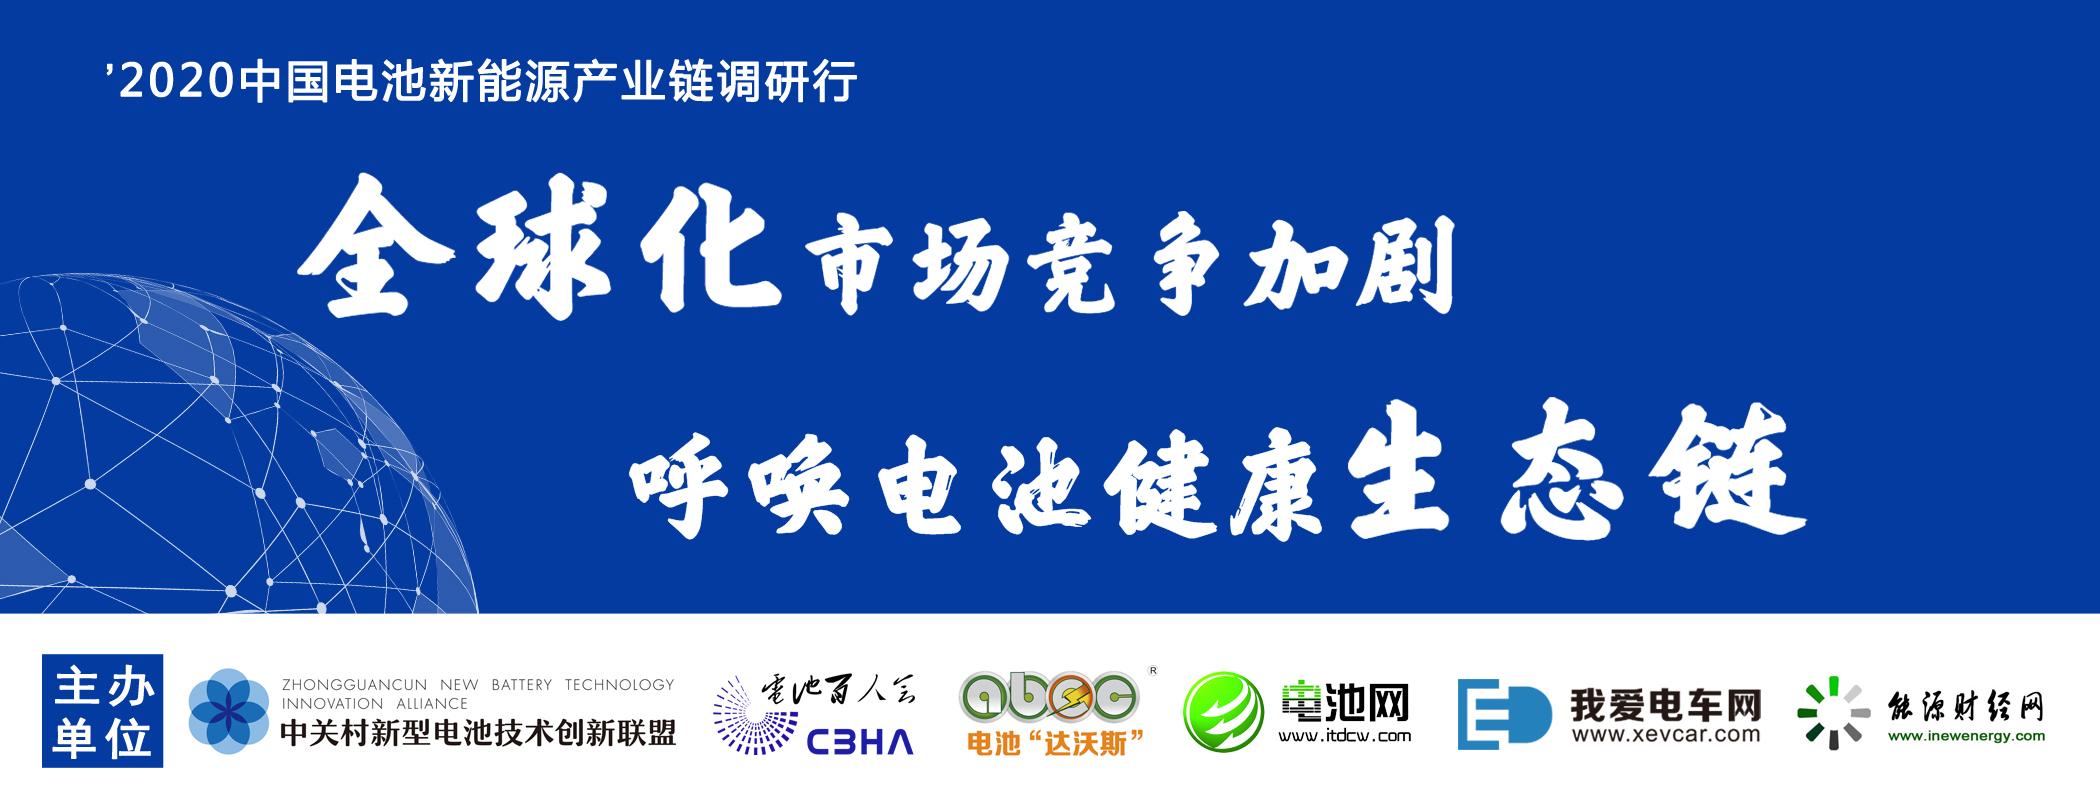 中国电池新能源产业链调研行